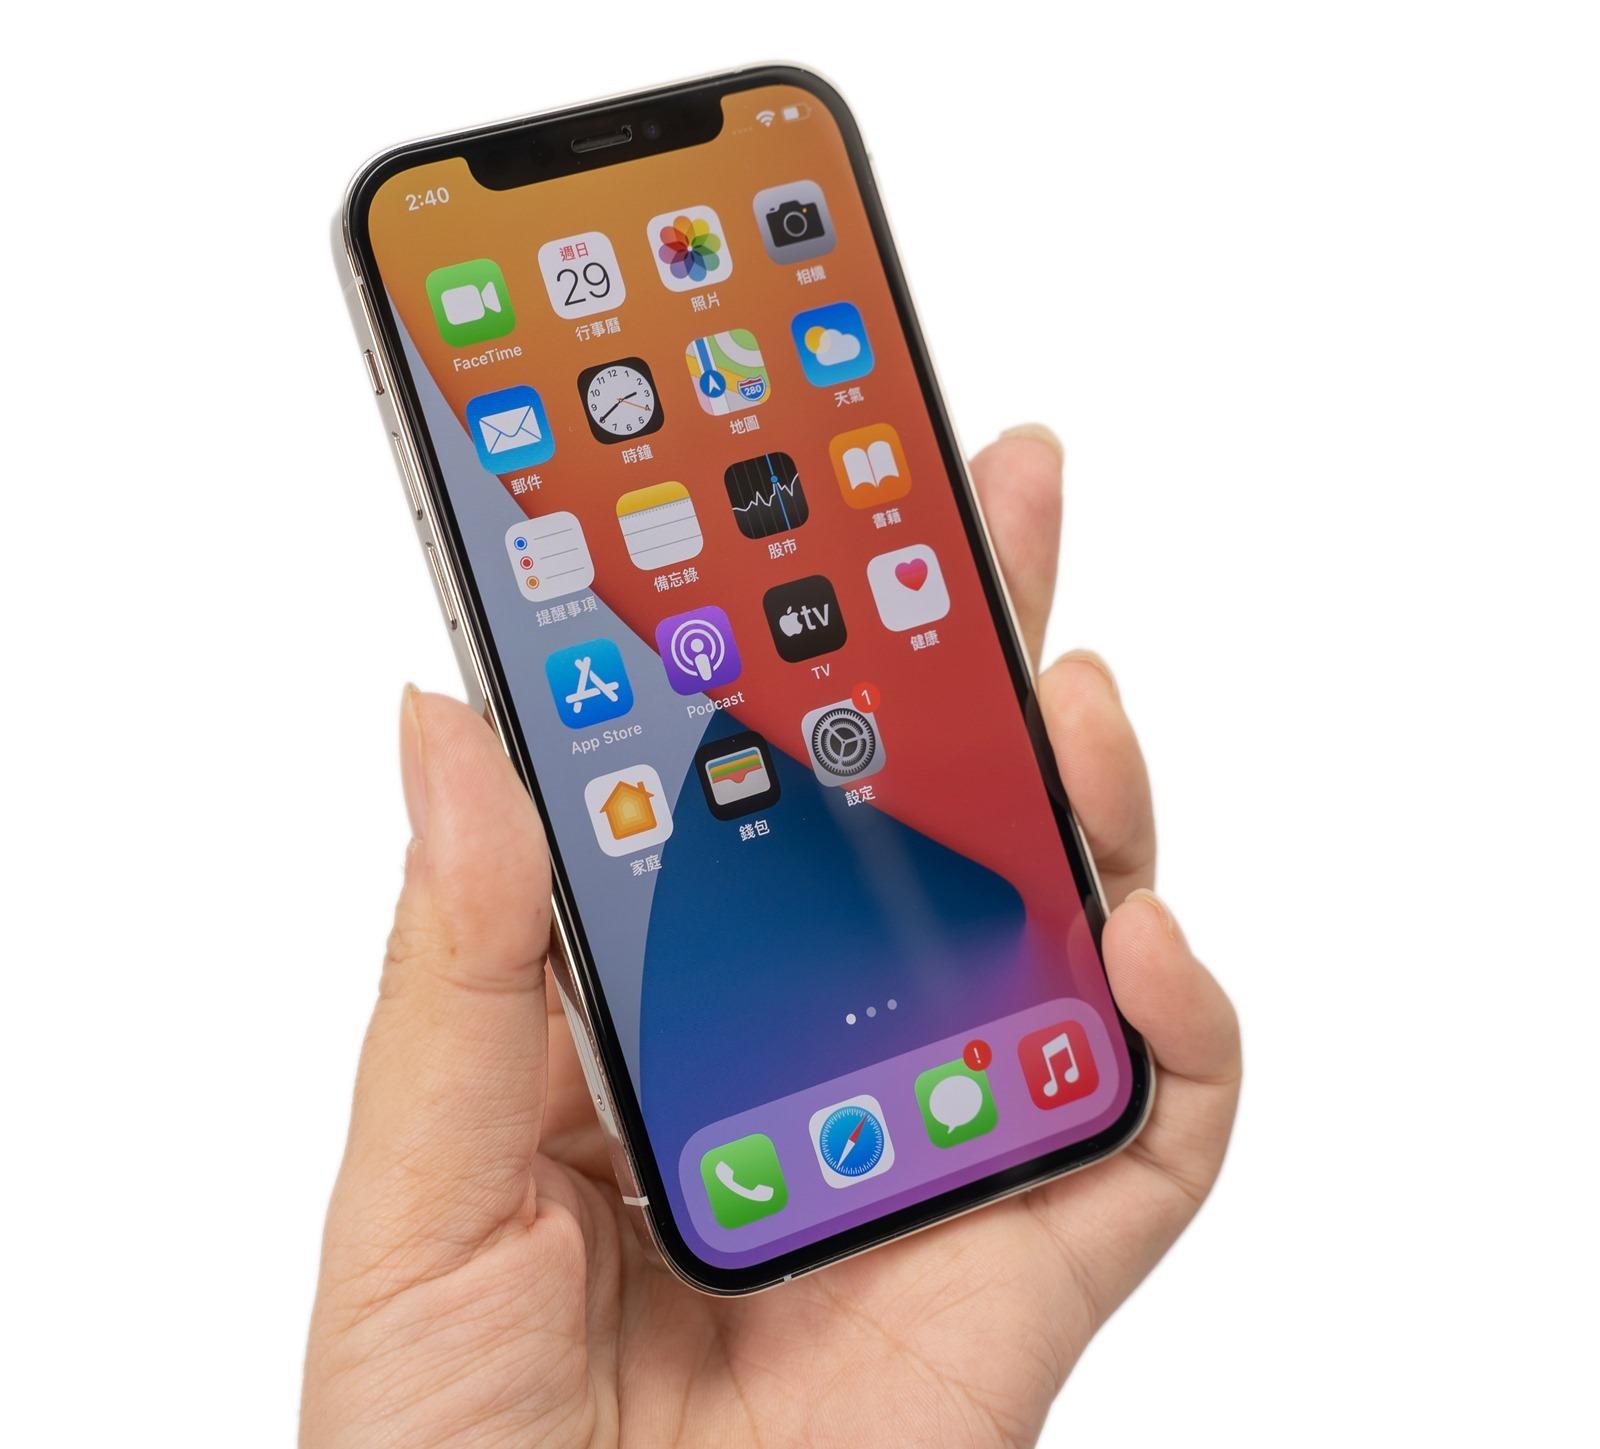 給 iPhone 12 強大保護!hoda 康寧玻璃保護貼這次還有貼膜神器!手殘不怕! @3C 達人廖阿輝